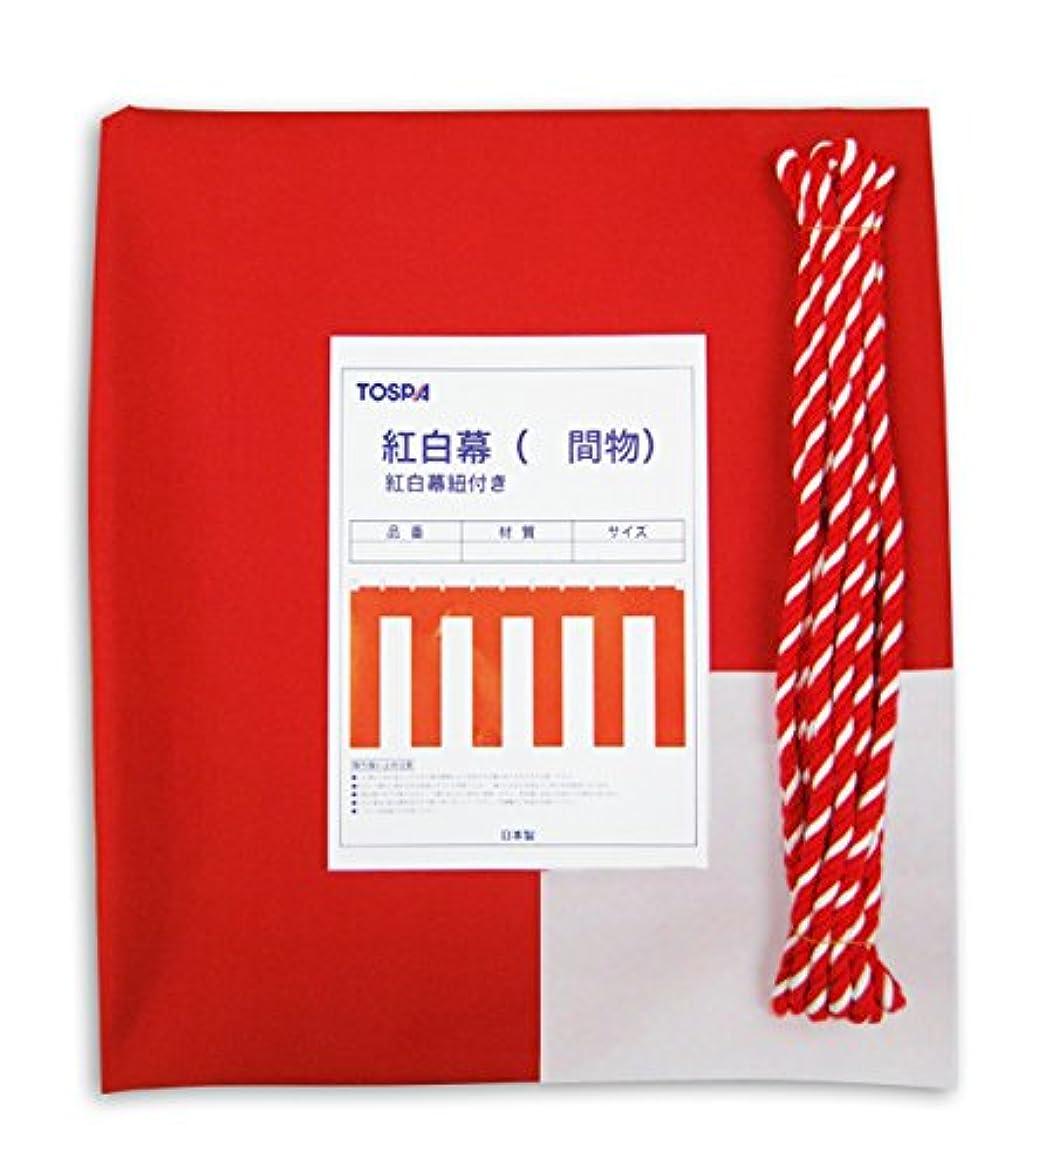 無視できる共産主義者世界記録のギネスブック店頭装飾 紅白幕 [ ポリエステルポンジ H70cm×W540cm/3間 ]